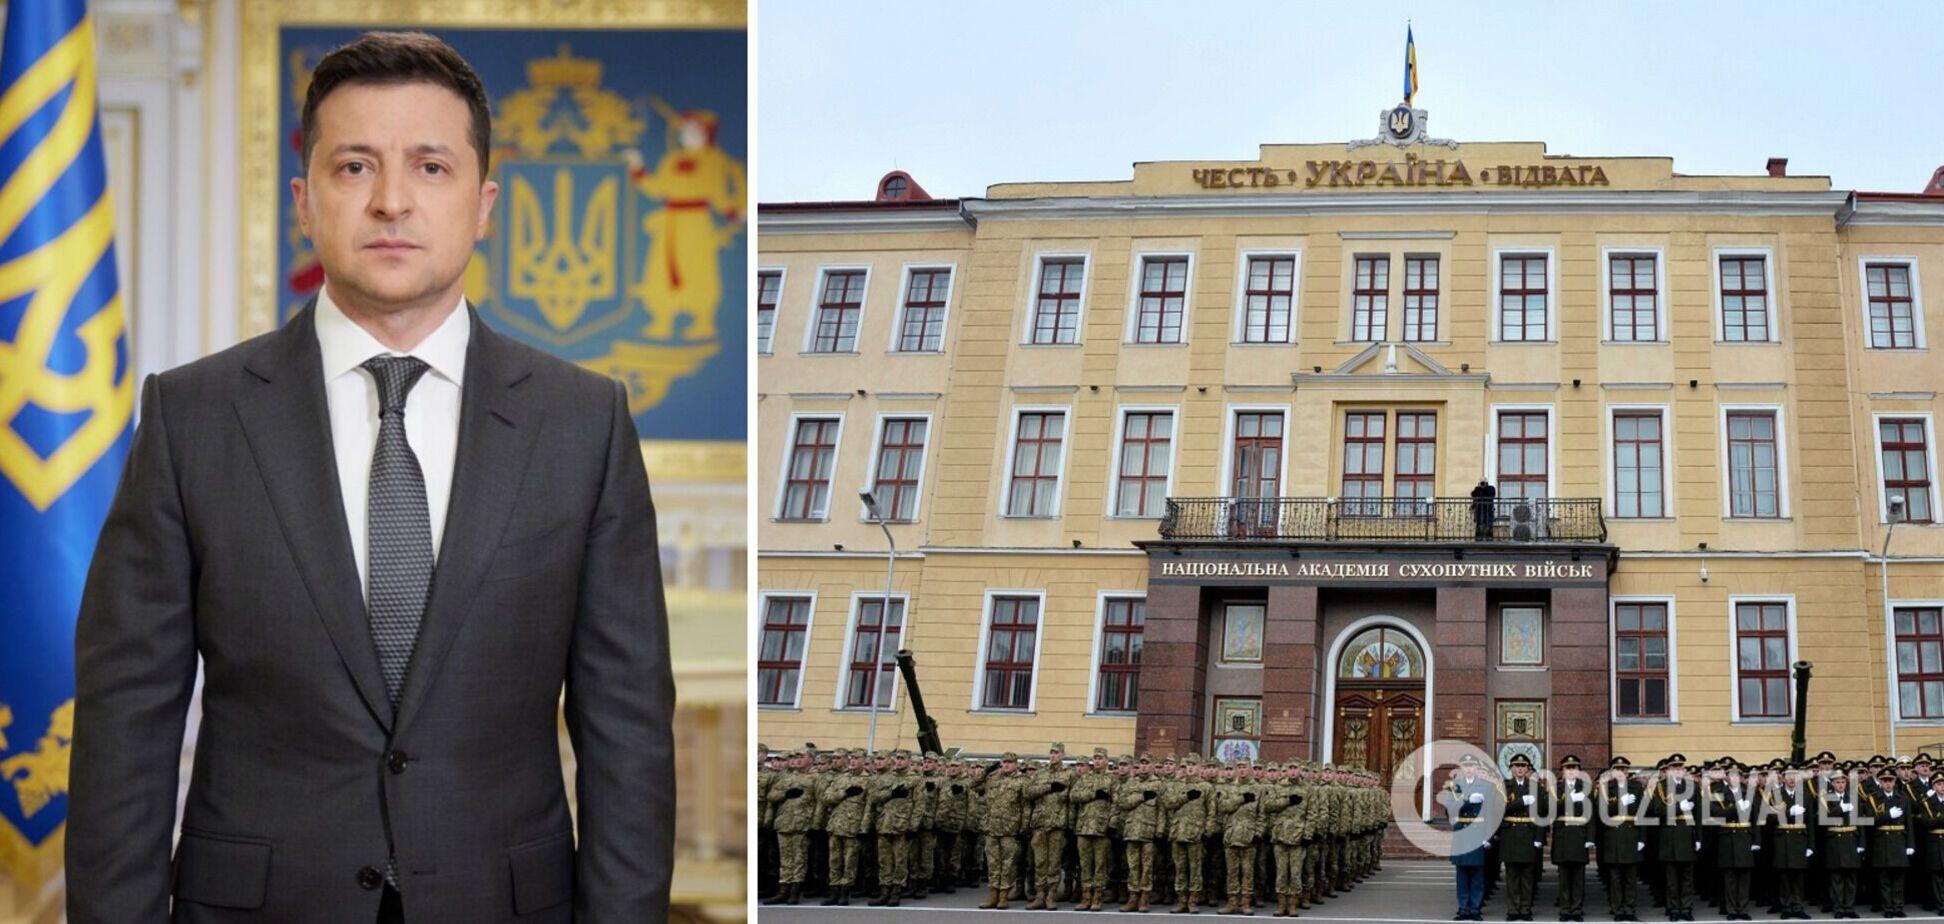 Зеленский поздравил выпускников Нацакадемии сухопутных войск: ВСУ сегодня стали сильнее